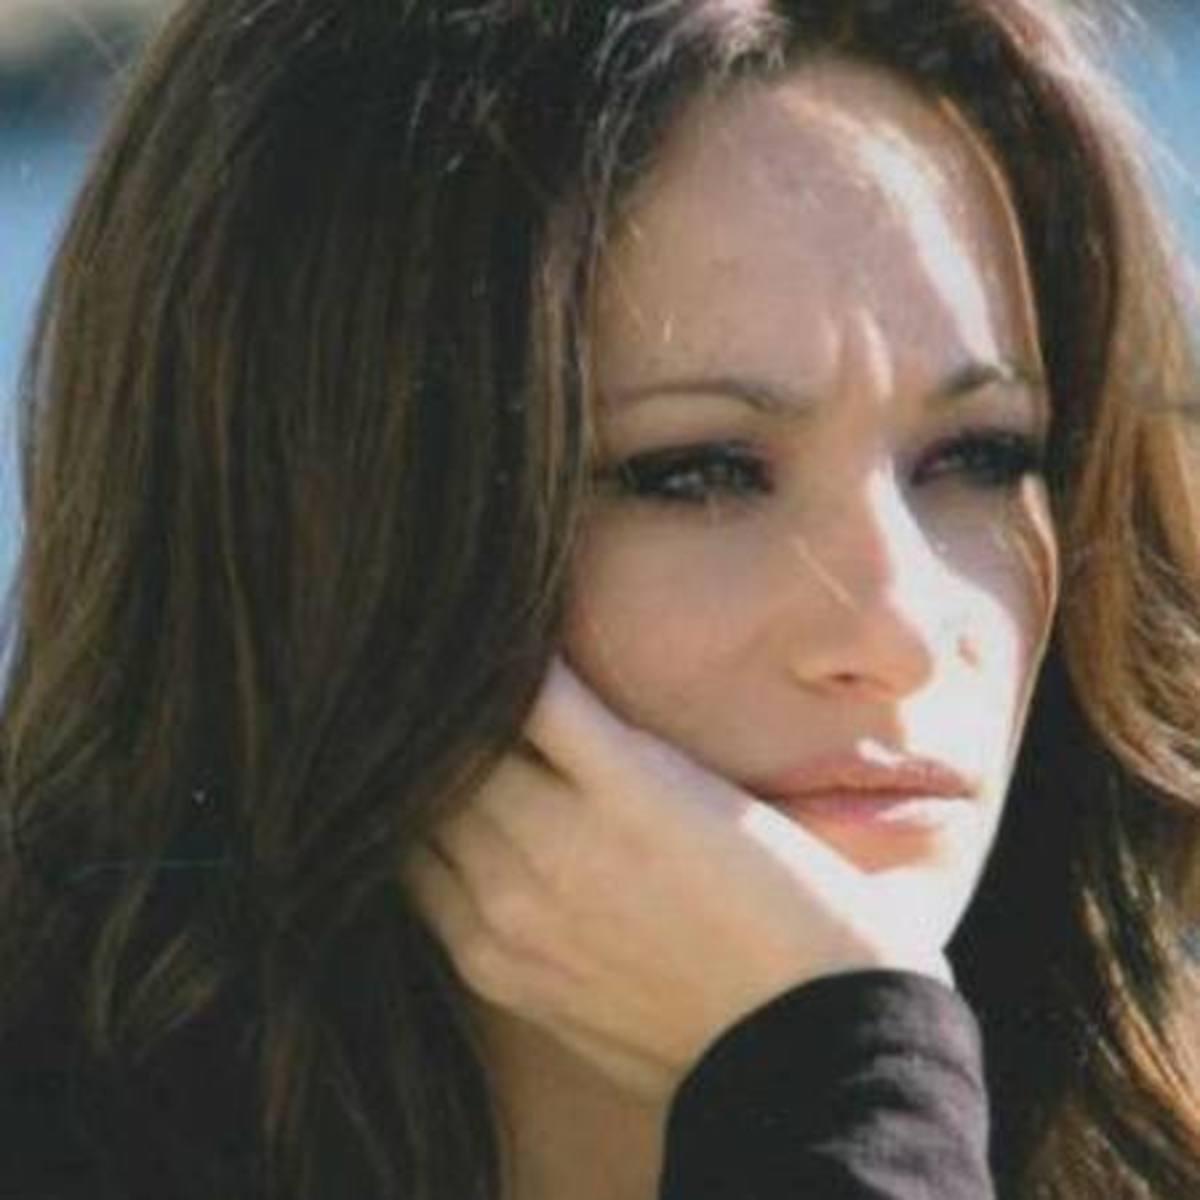 Σοκάρει η Μάρω Λύτρα! Θέλει να «ξεσκεπάσει» διάσημο Έλληνα που την παρενόχλησε σεξουαλικά! | Newsit.gr